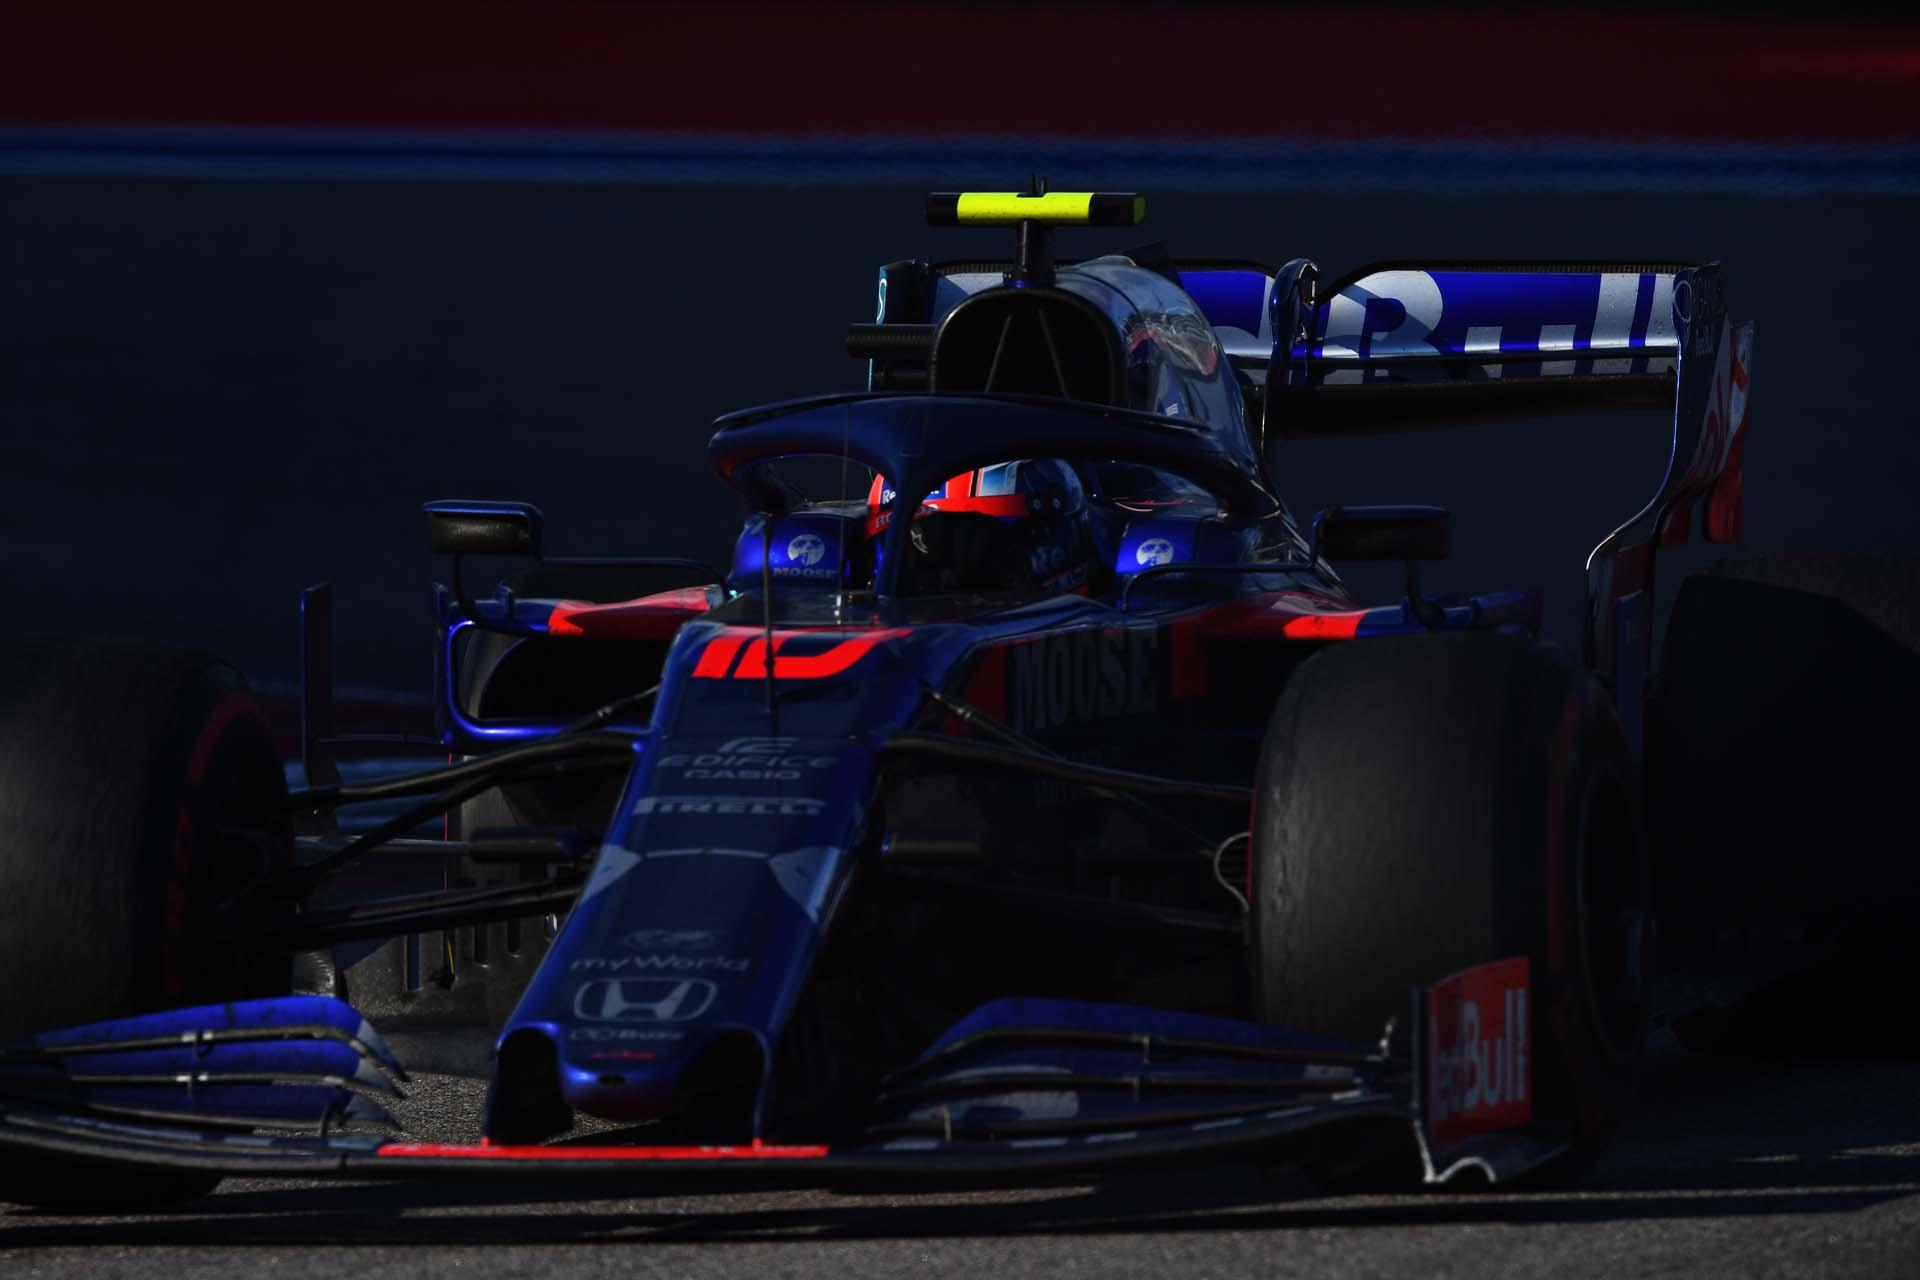 F1 Grand Prix of Russia